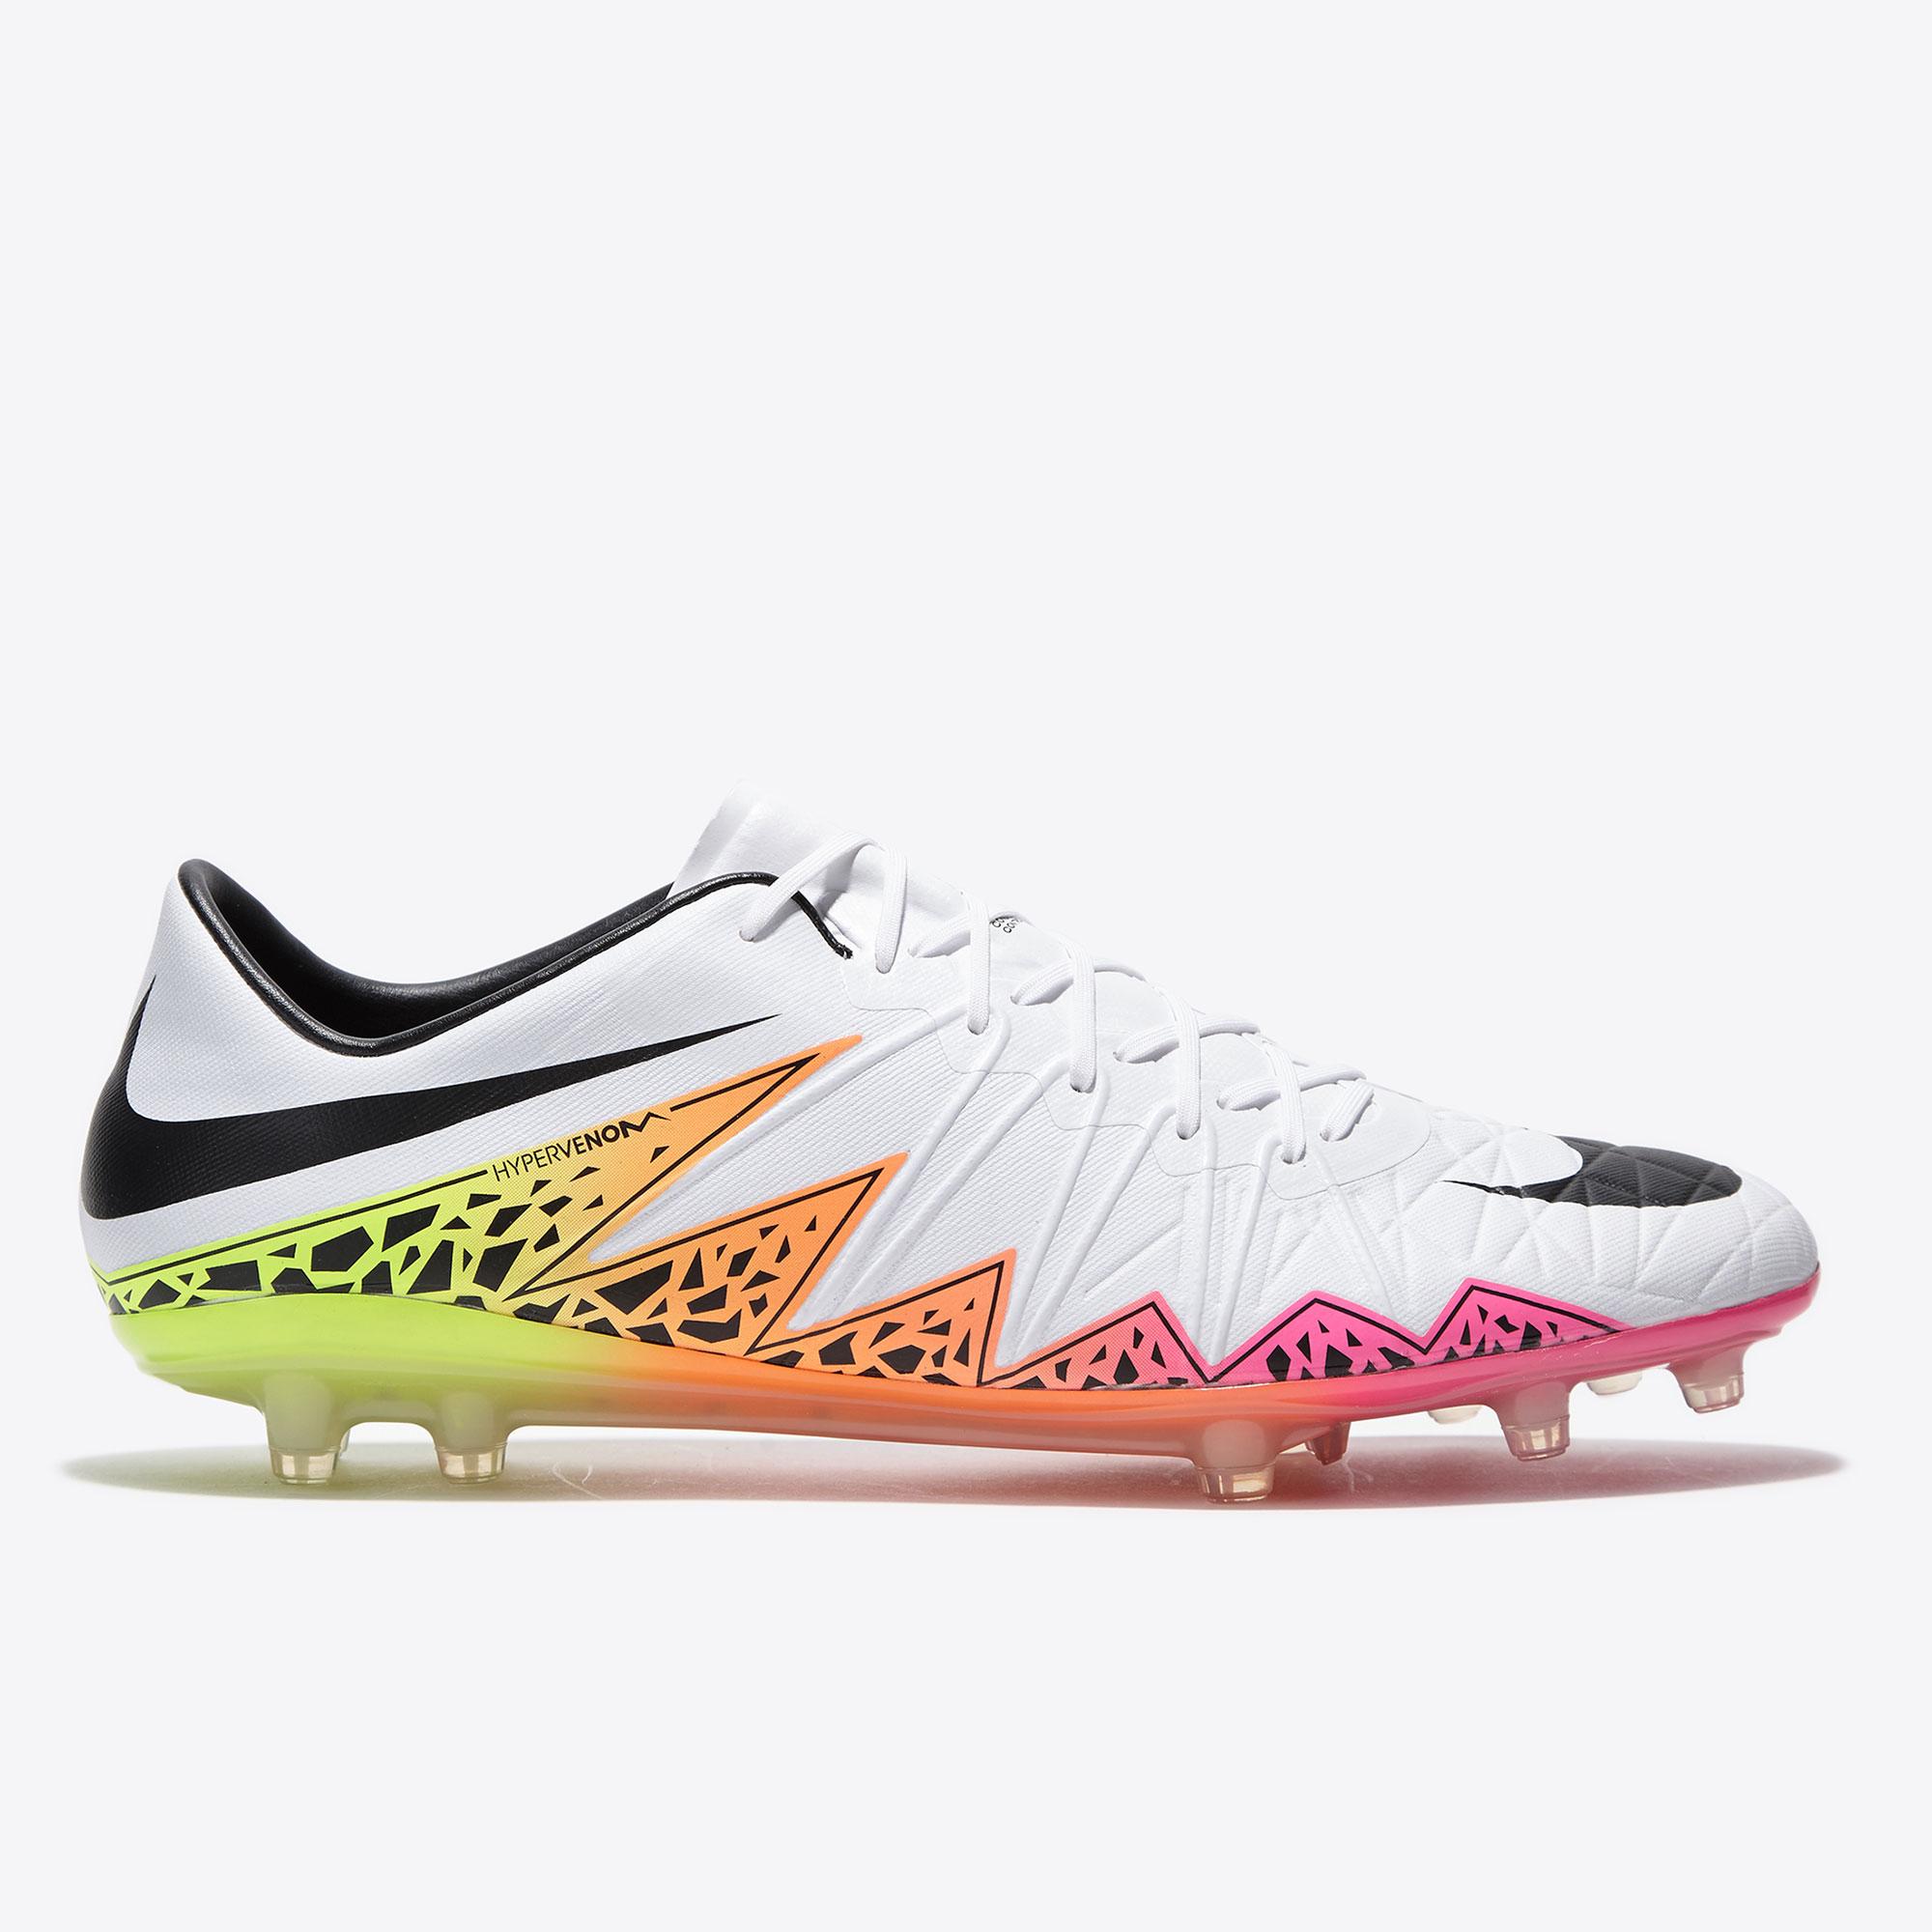 Nike Hypervenom Phinish FG White